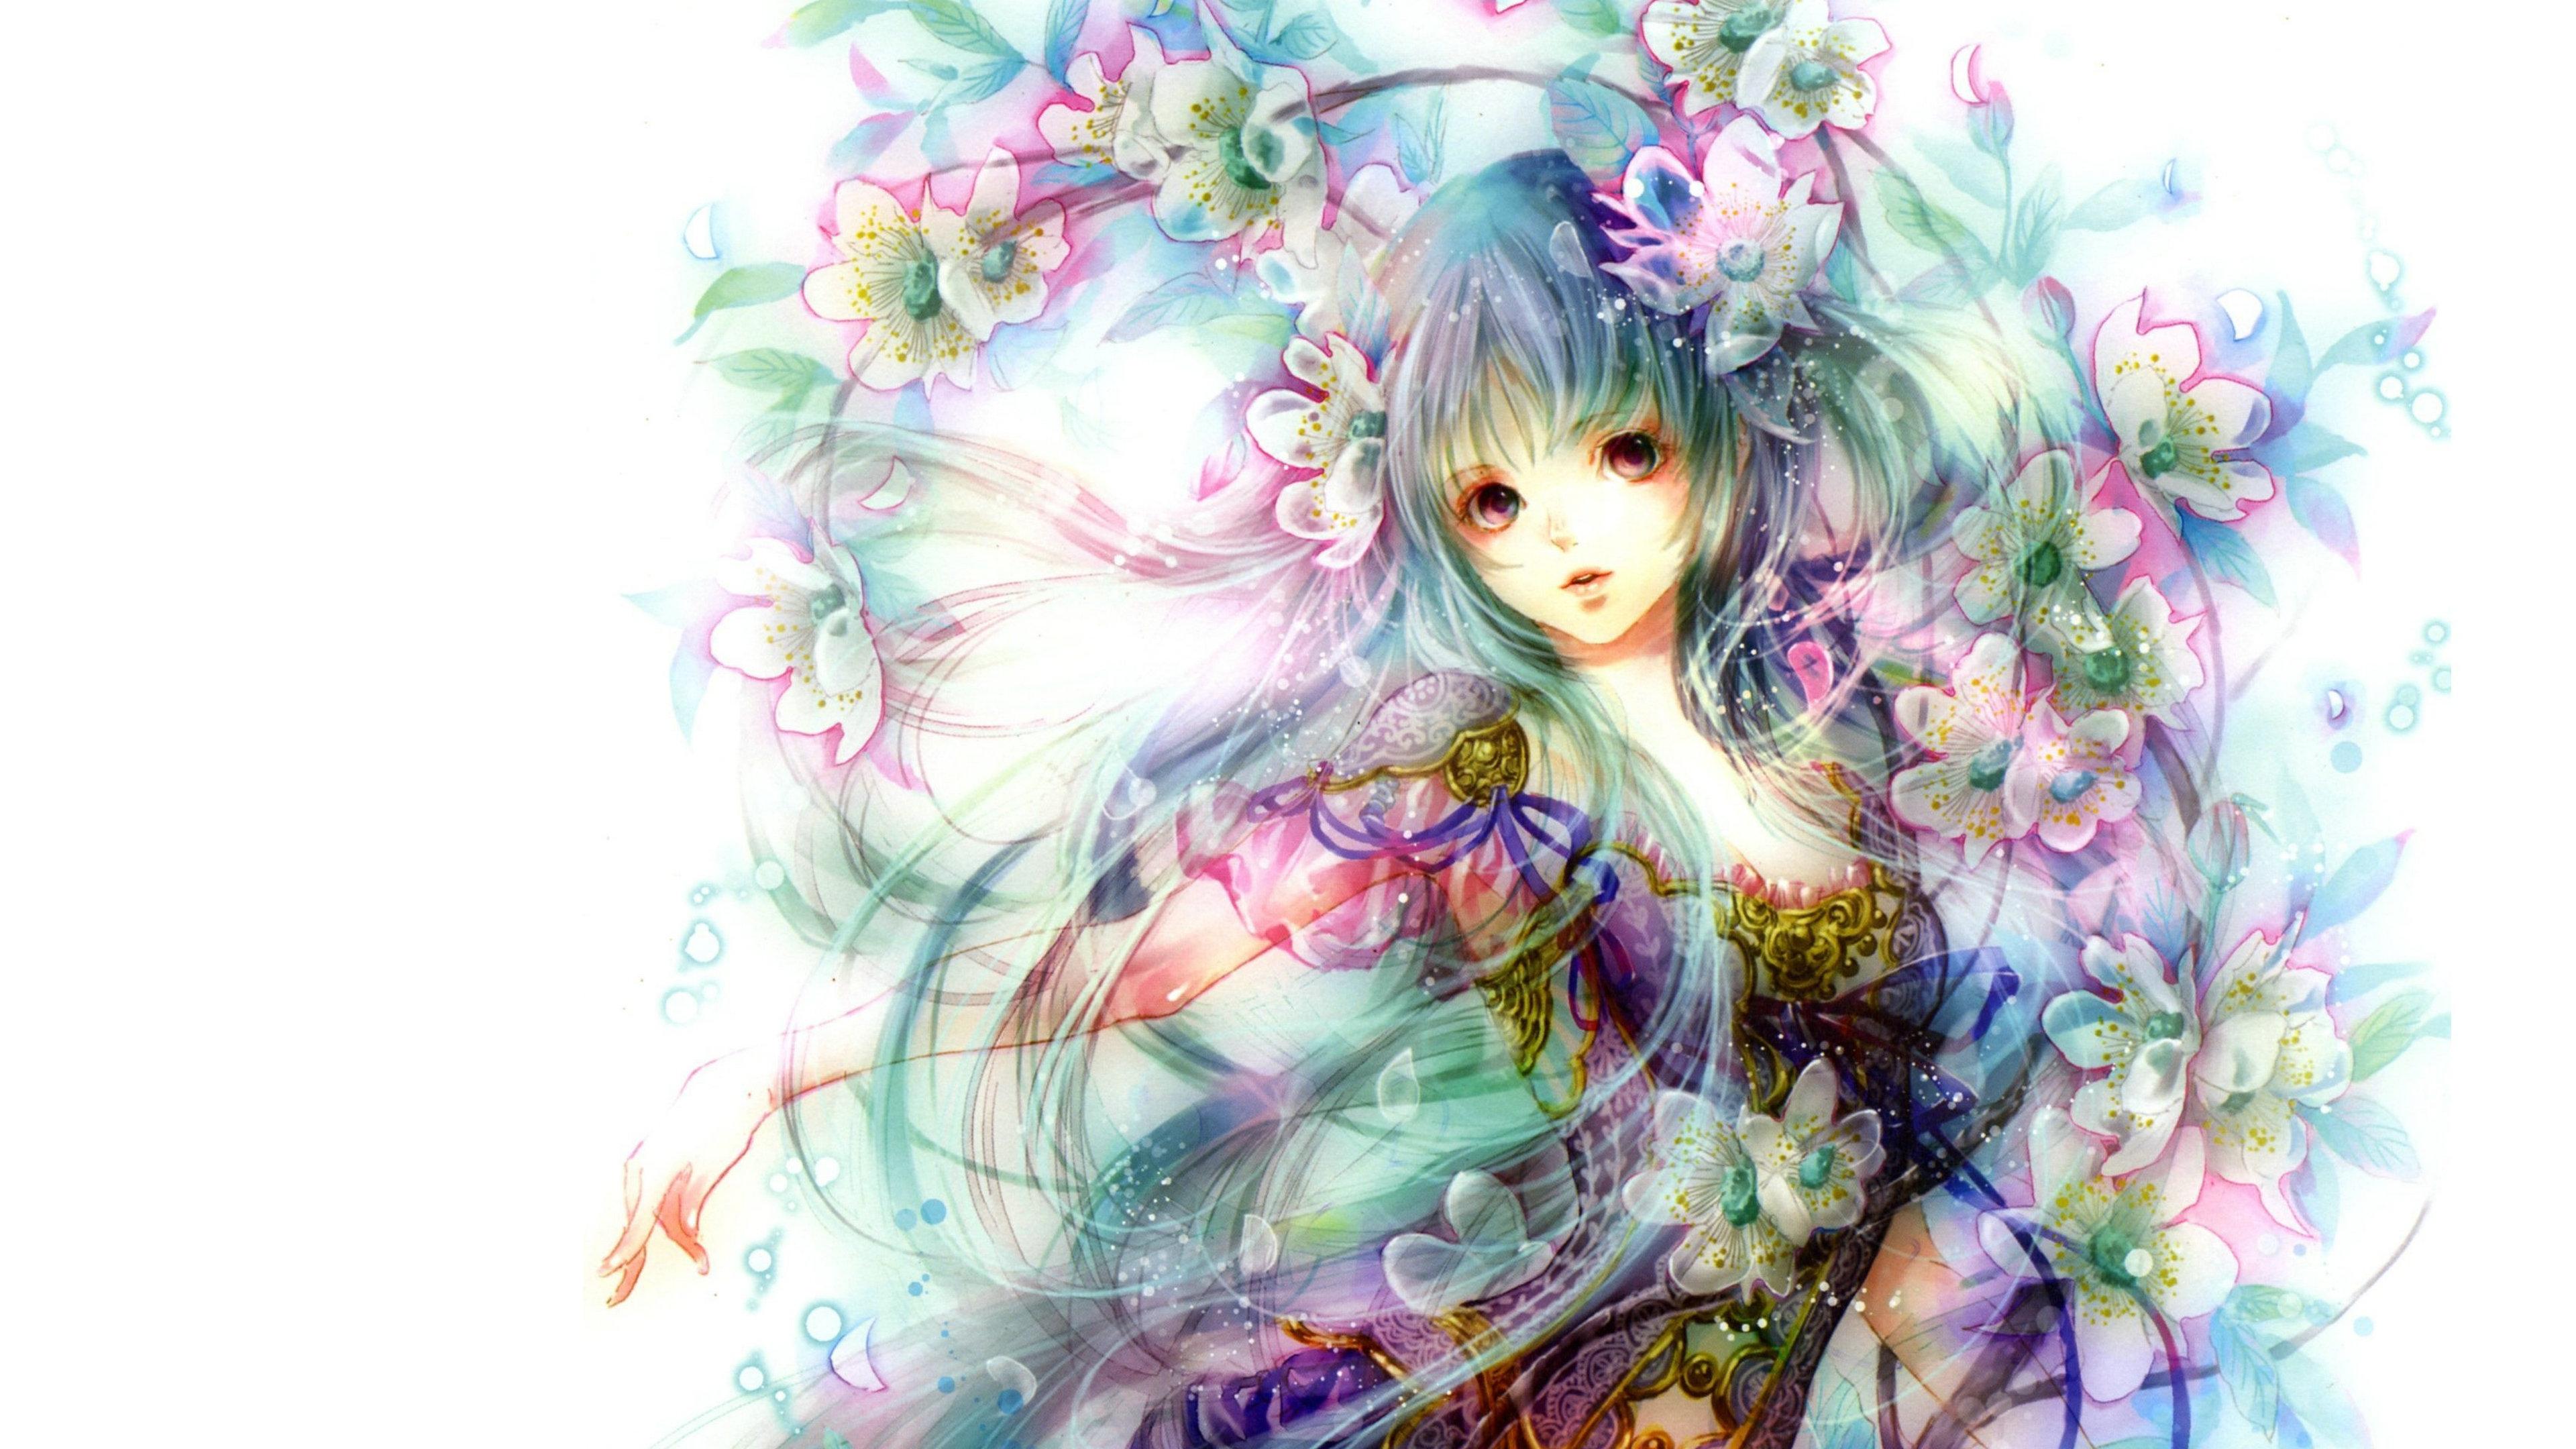 Beautiful hd anime wallpaper wallpapersafari - Animated girl wallpaper free download ...